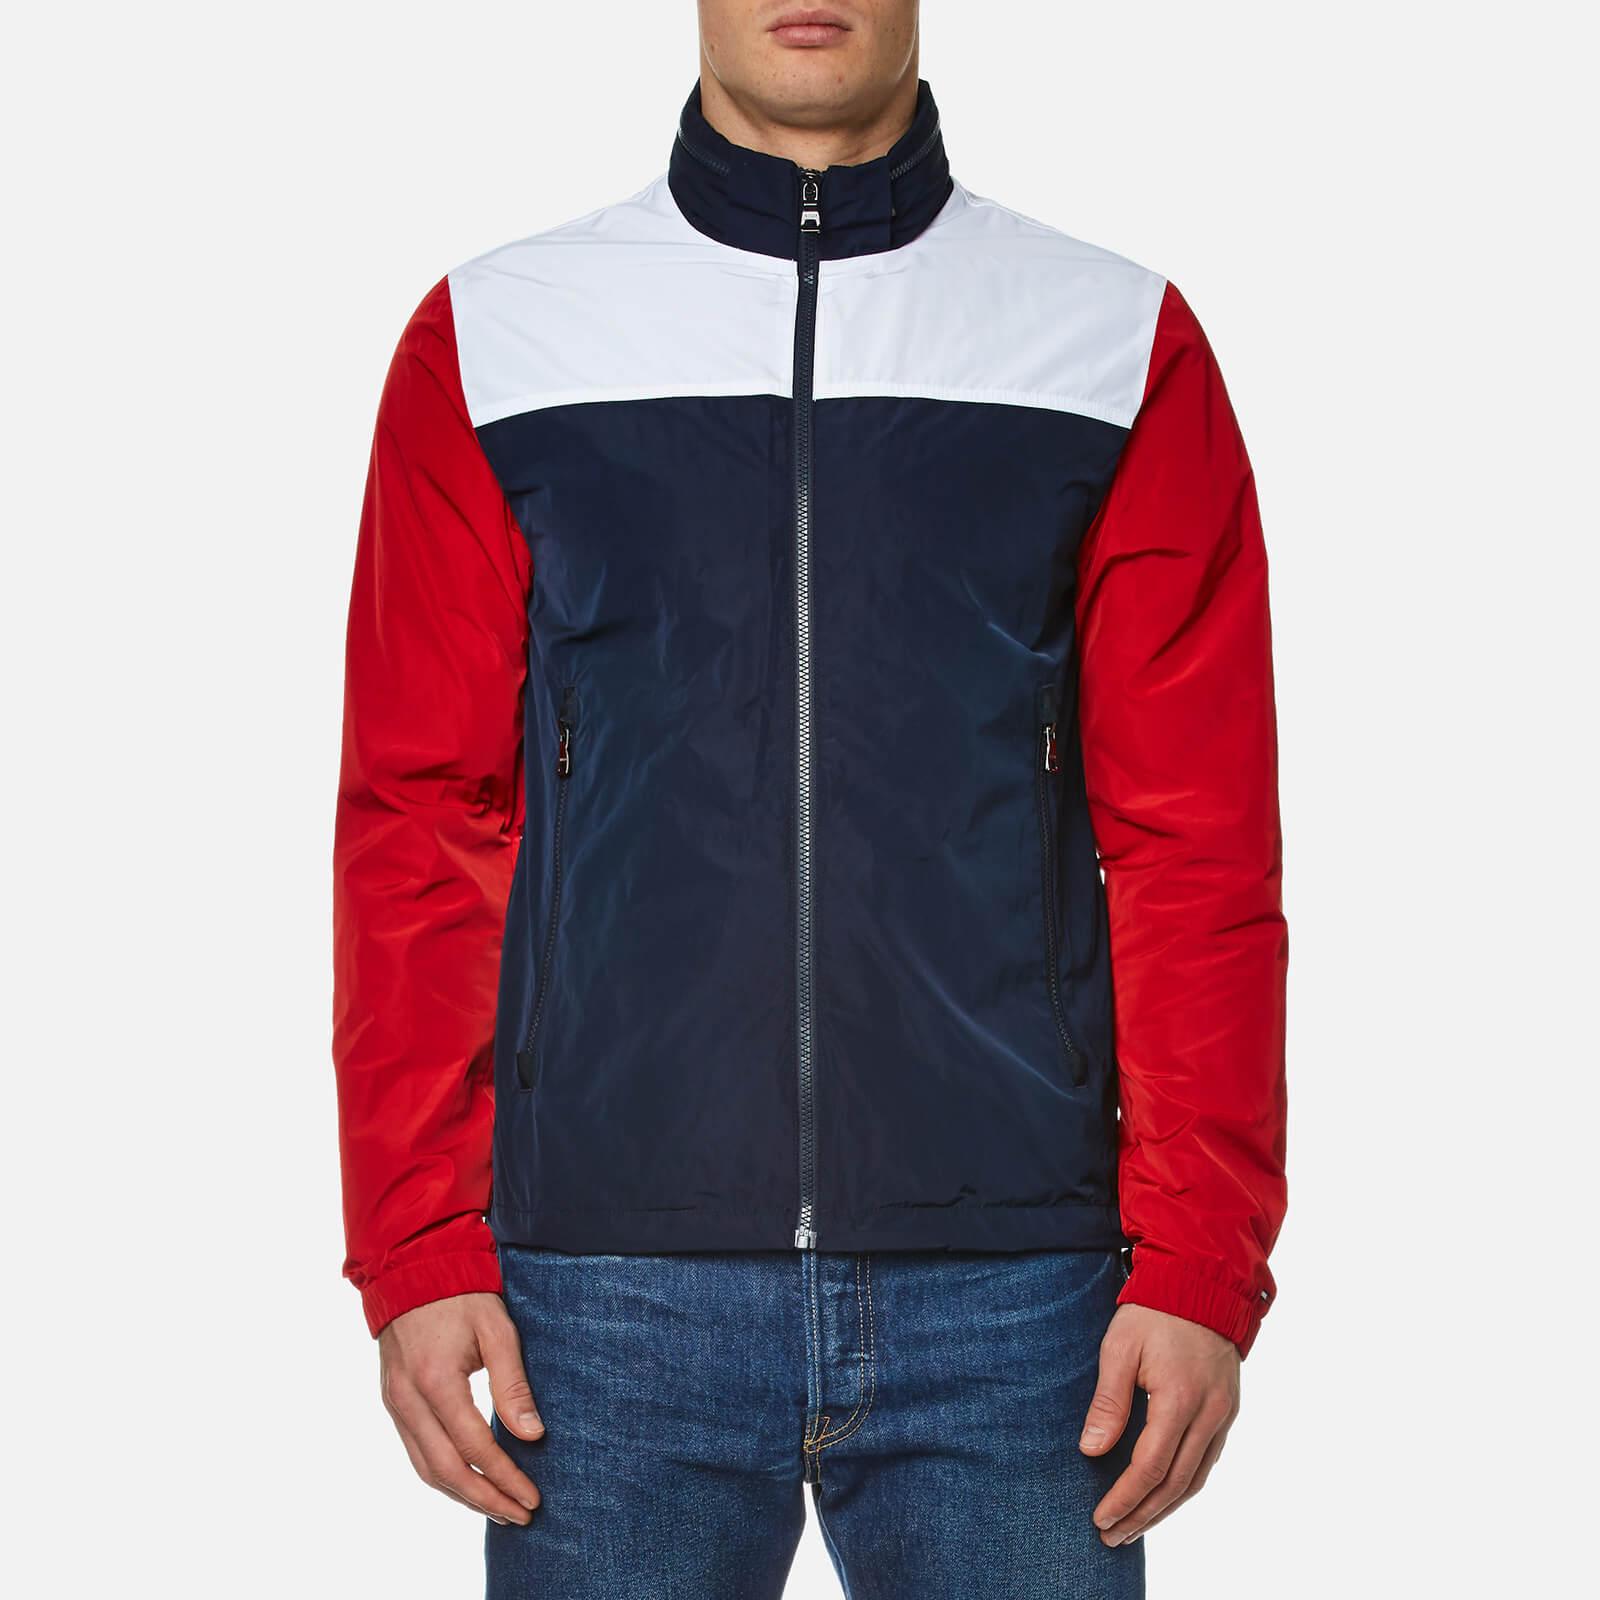 uusi korkealaatuinen kuumia uusia tuotteita Yhdistynyt kuningaskunta Tommy Hilfiger Men's Terence Sport Jacket - Midnight